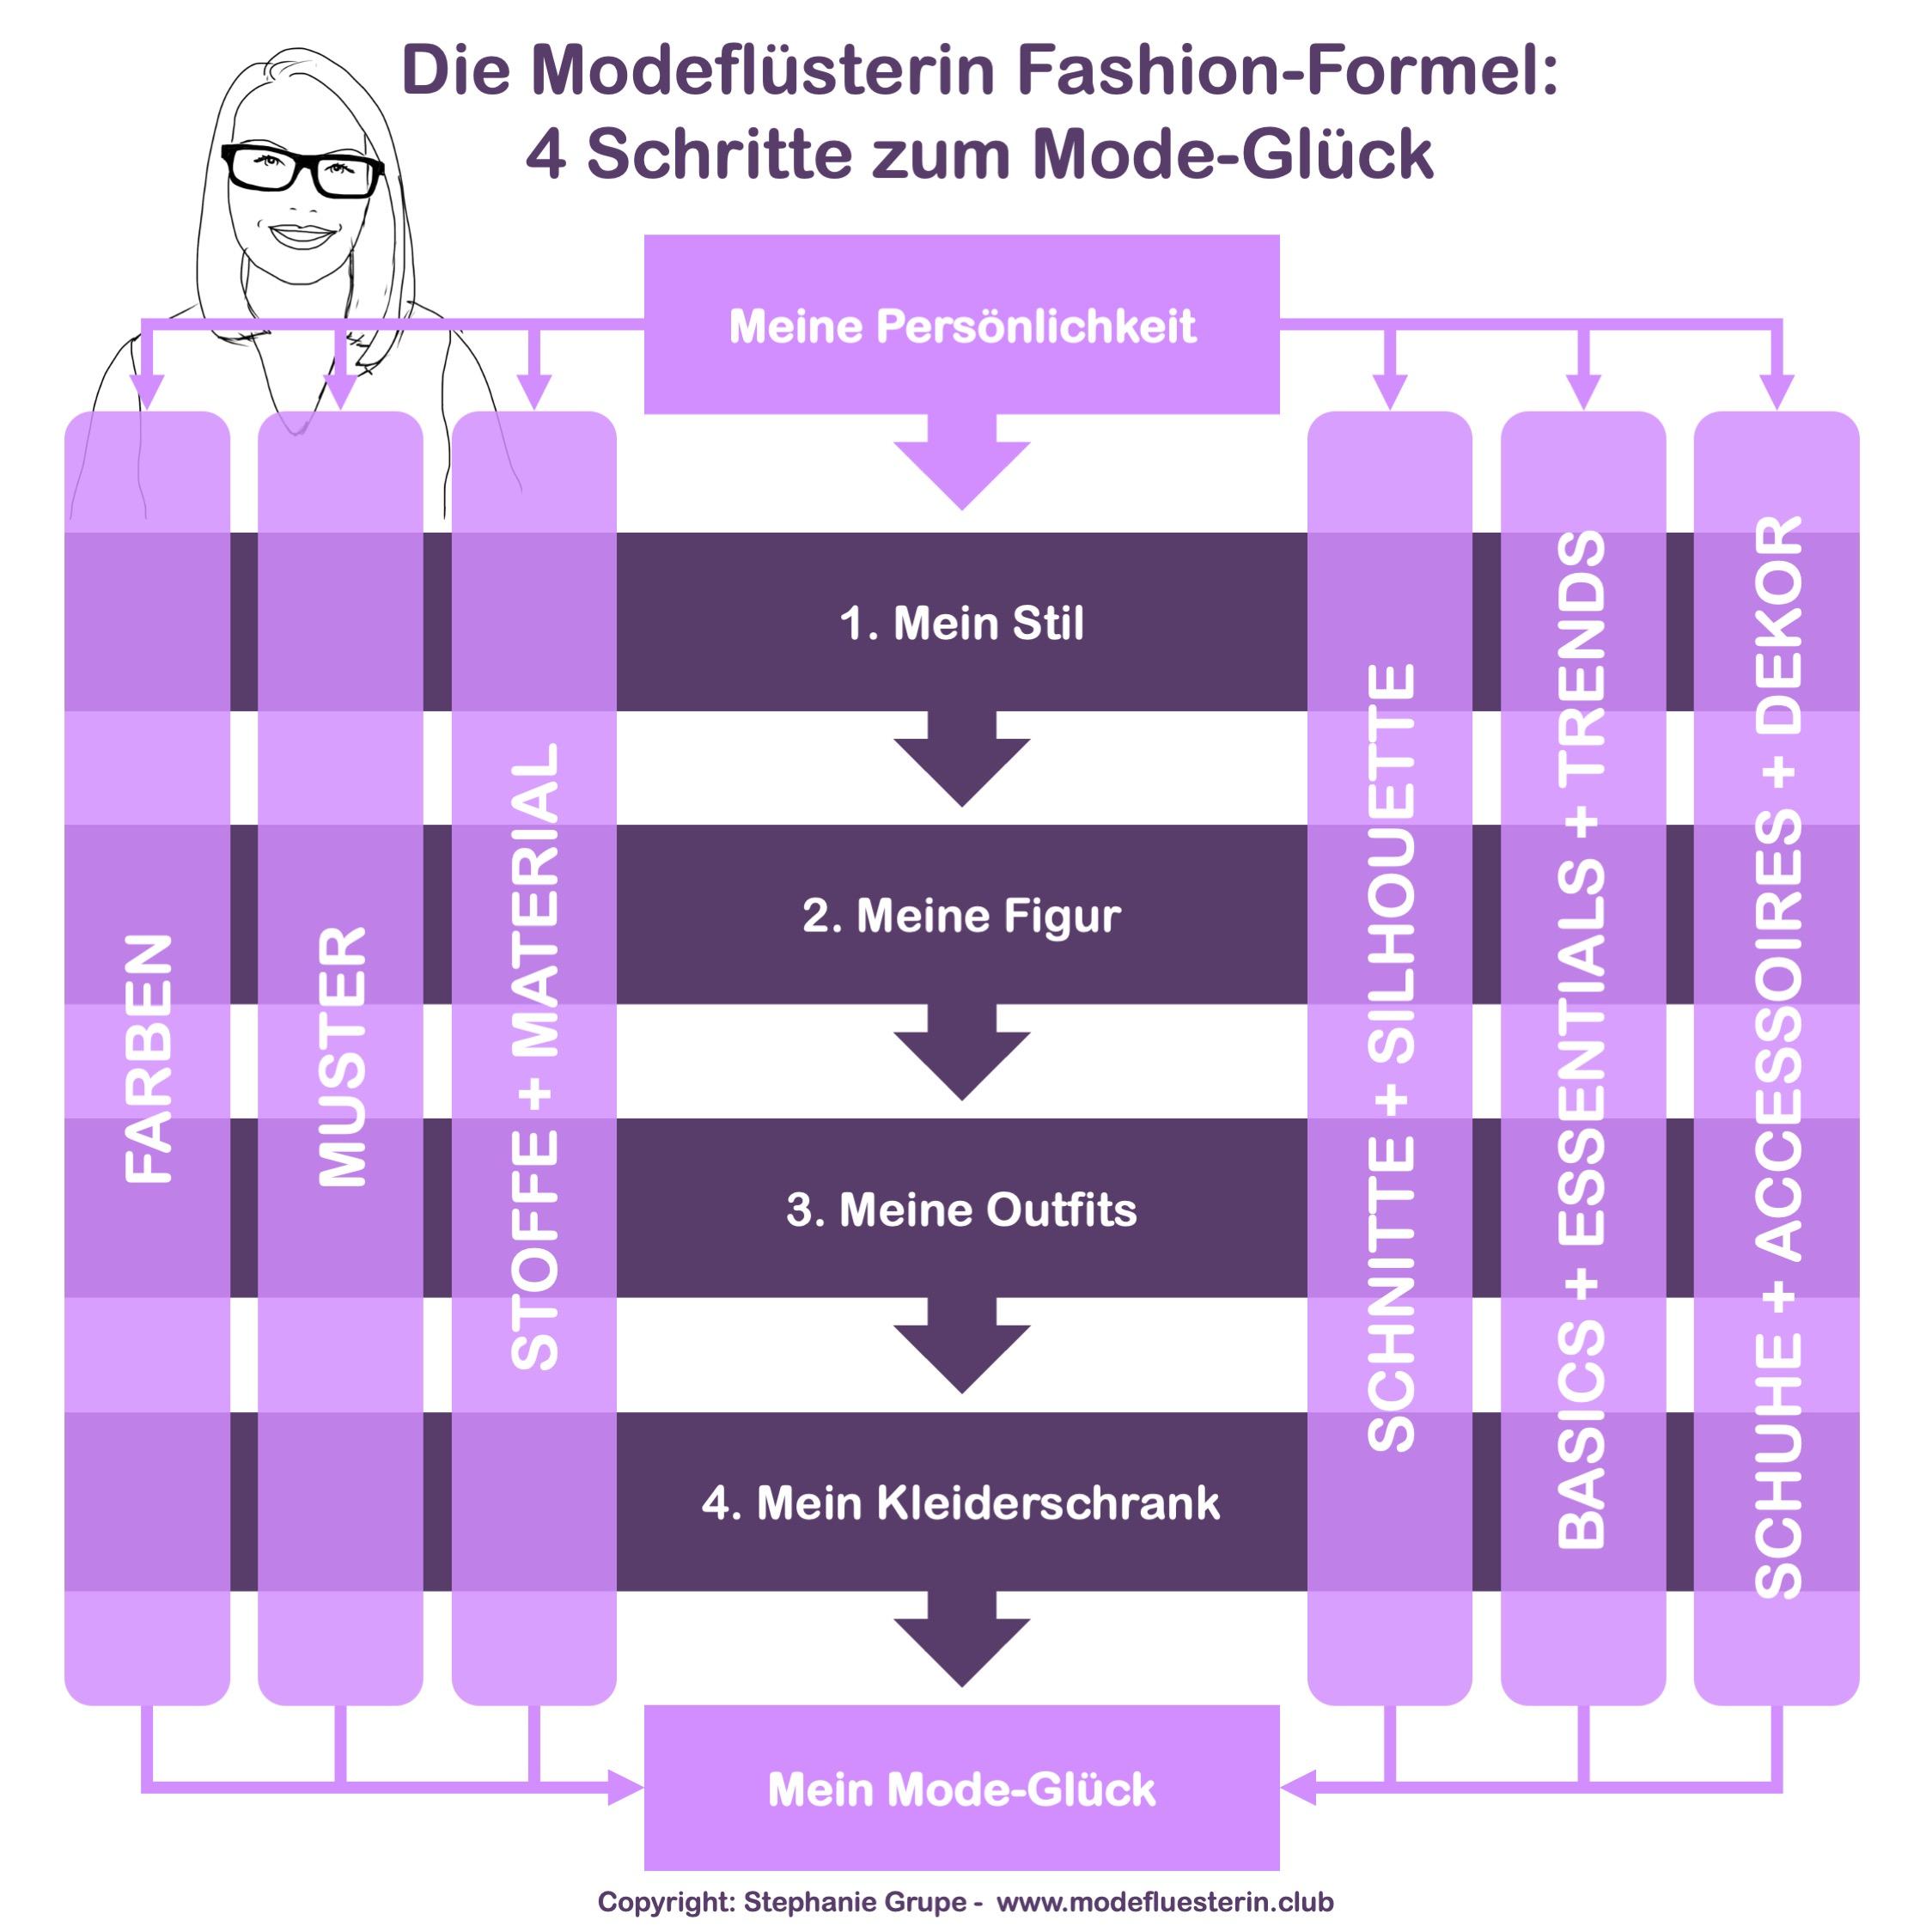 Stilreise für Frauen - Der Weg zum guten Stil